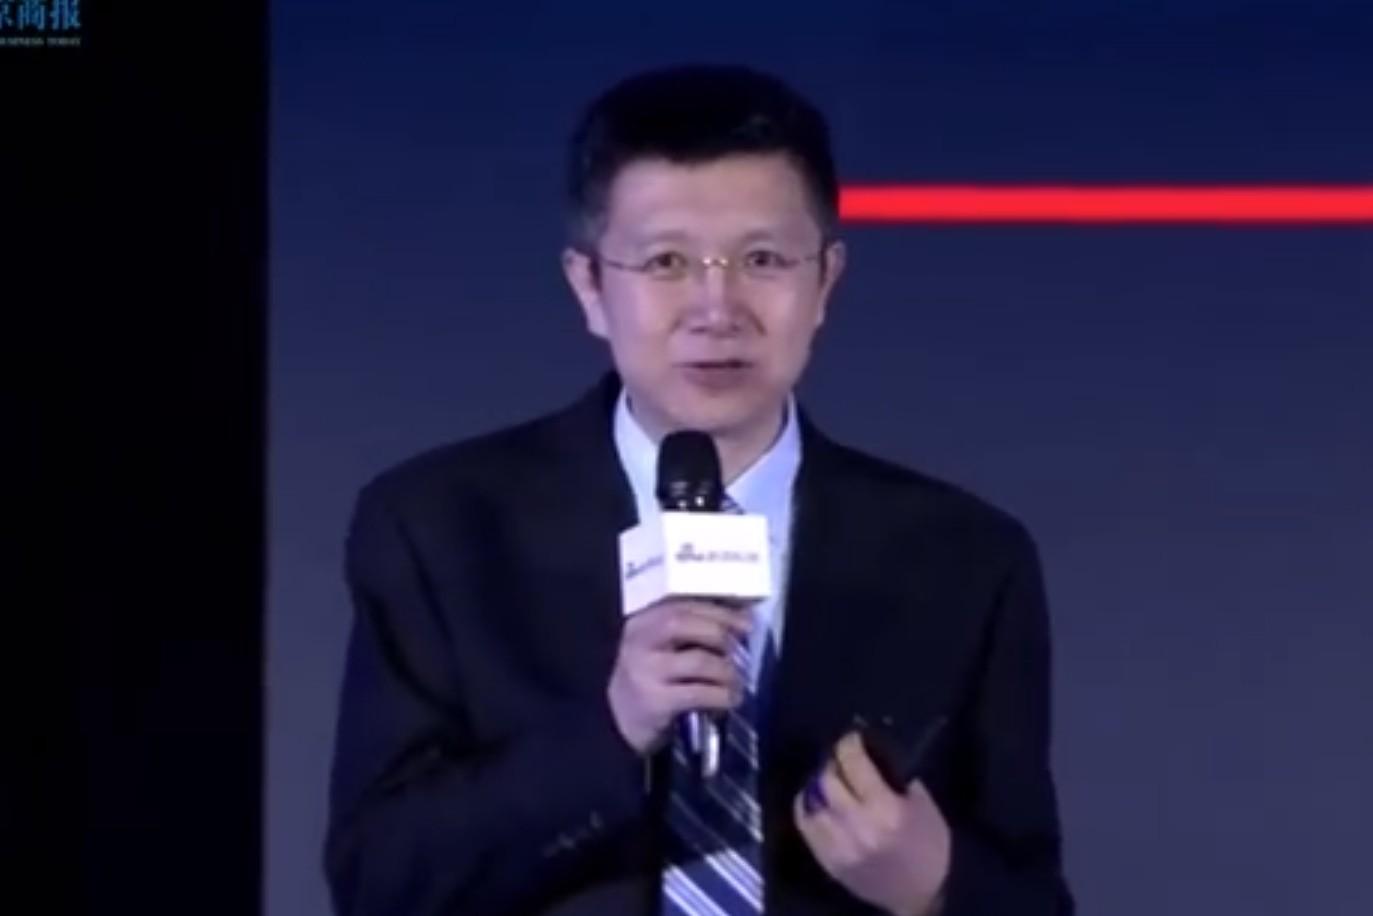 百度CTO王海峰:人工智能已成为科技革命的重要驱动力量_人物_电商报